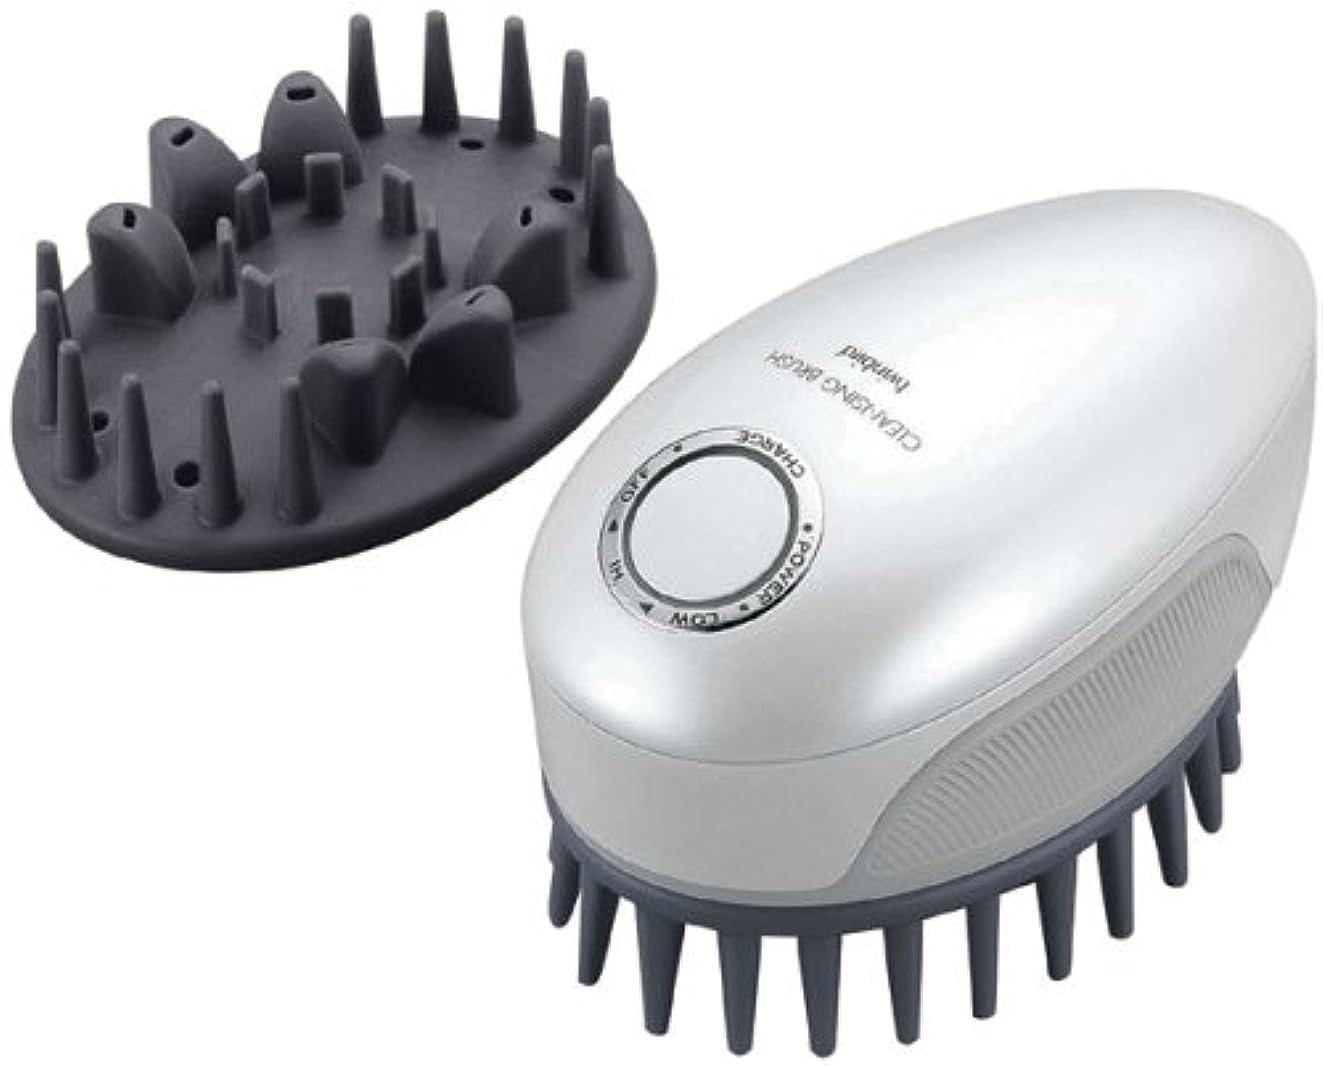 汚物ペナルティ統計的TWINBIRD 頭皮洗浄ブラシ モミダッシュ PRO パールホワイト SH-2793PW